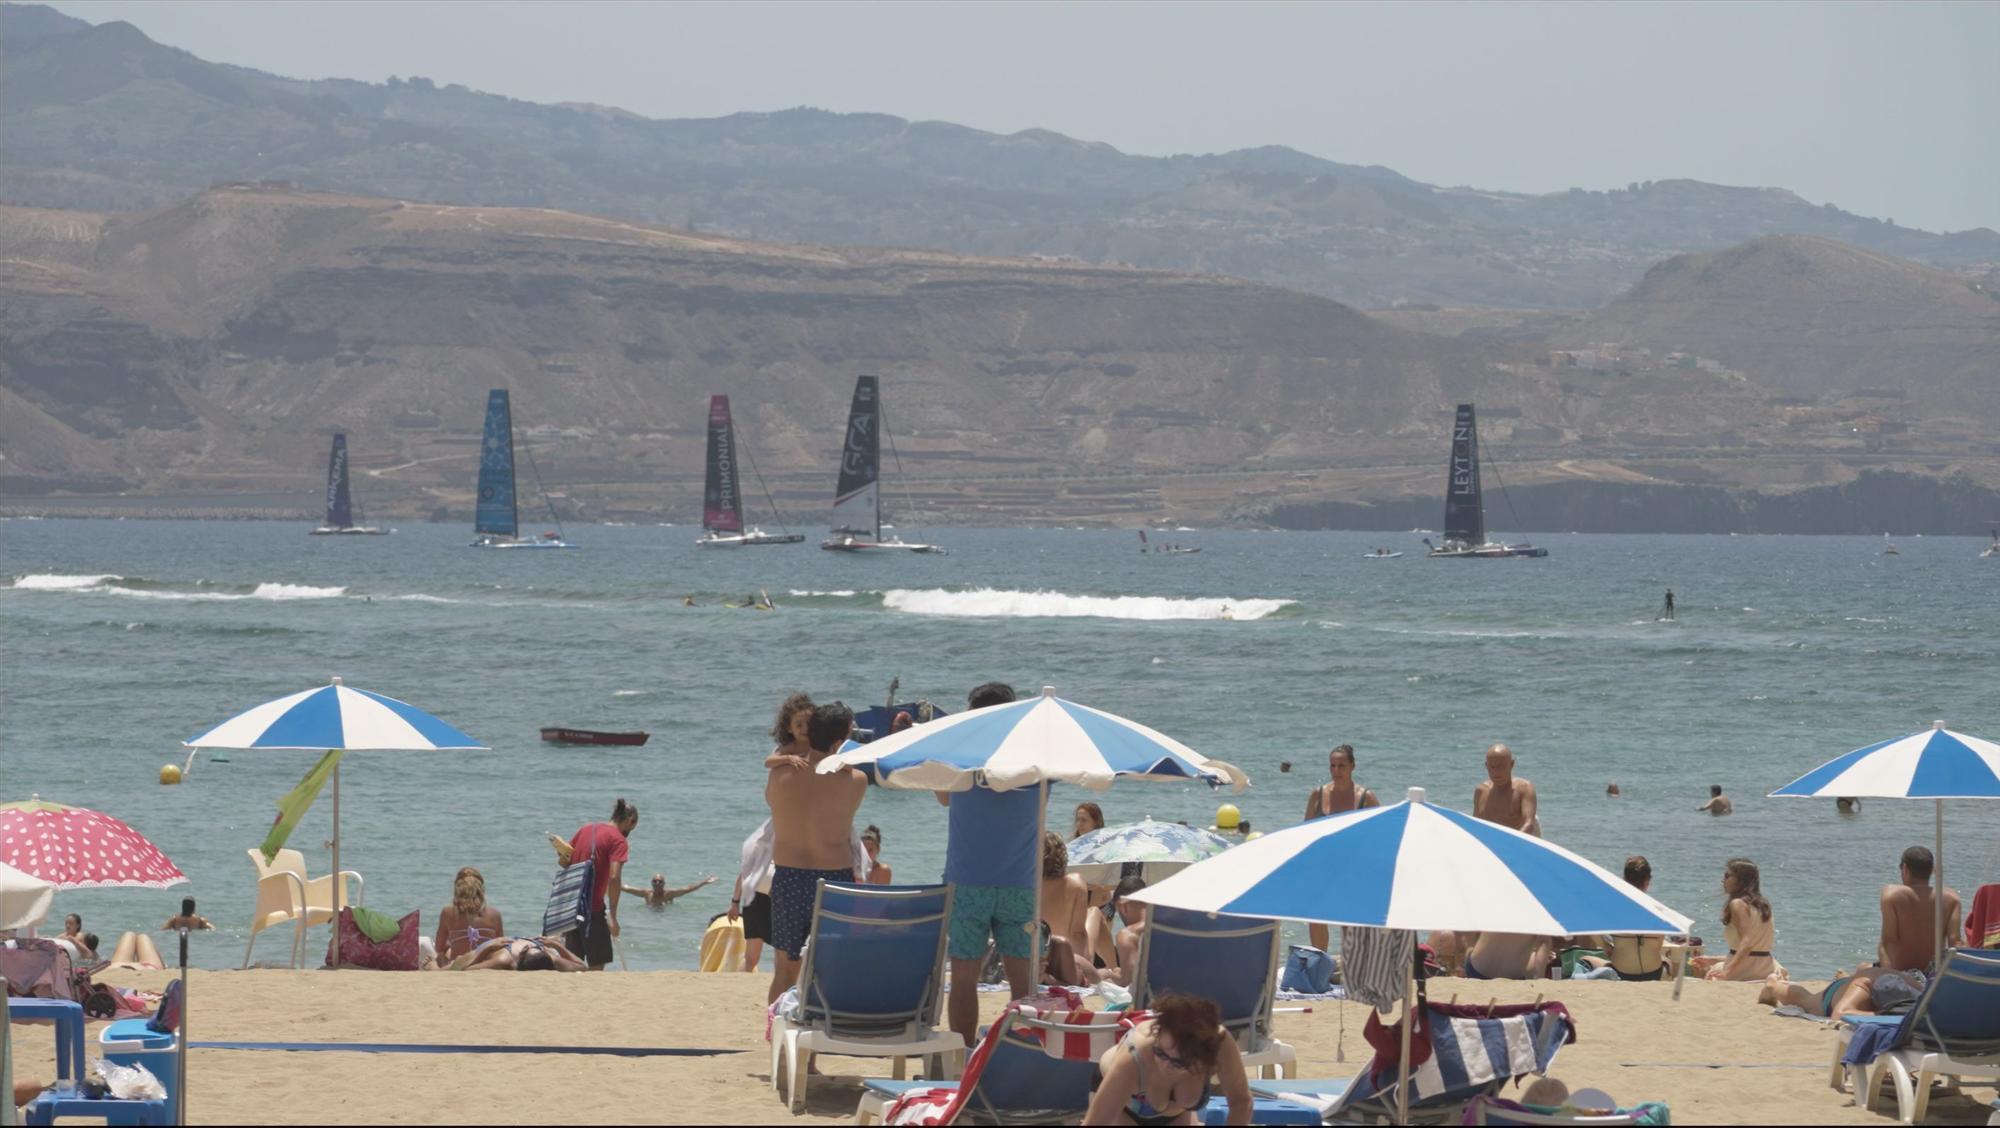 Regata en la playa de Las Canteras con los 7 trimaranes Fifty Ocean.